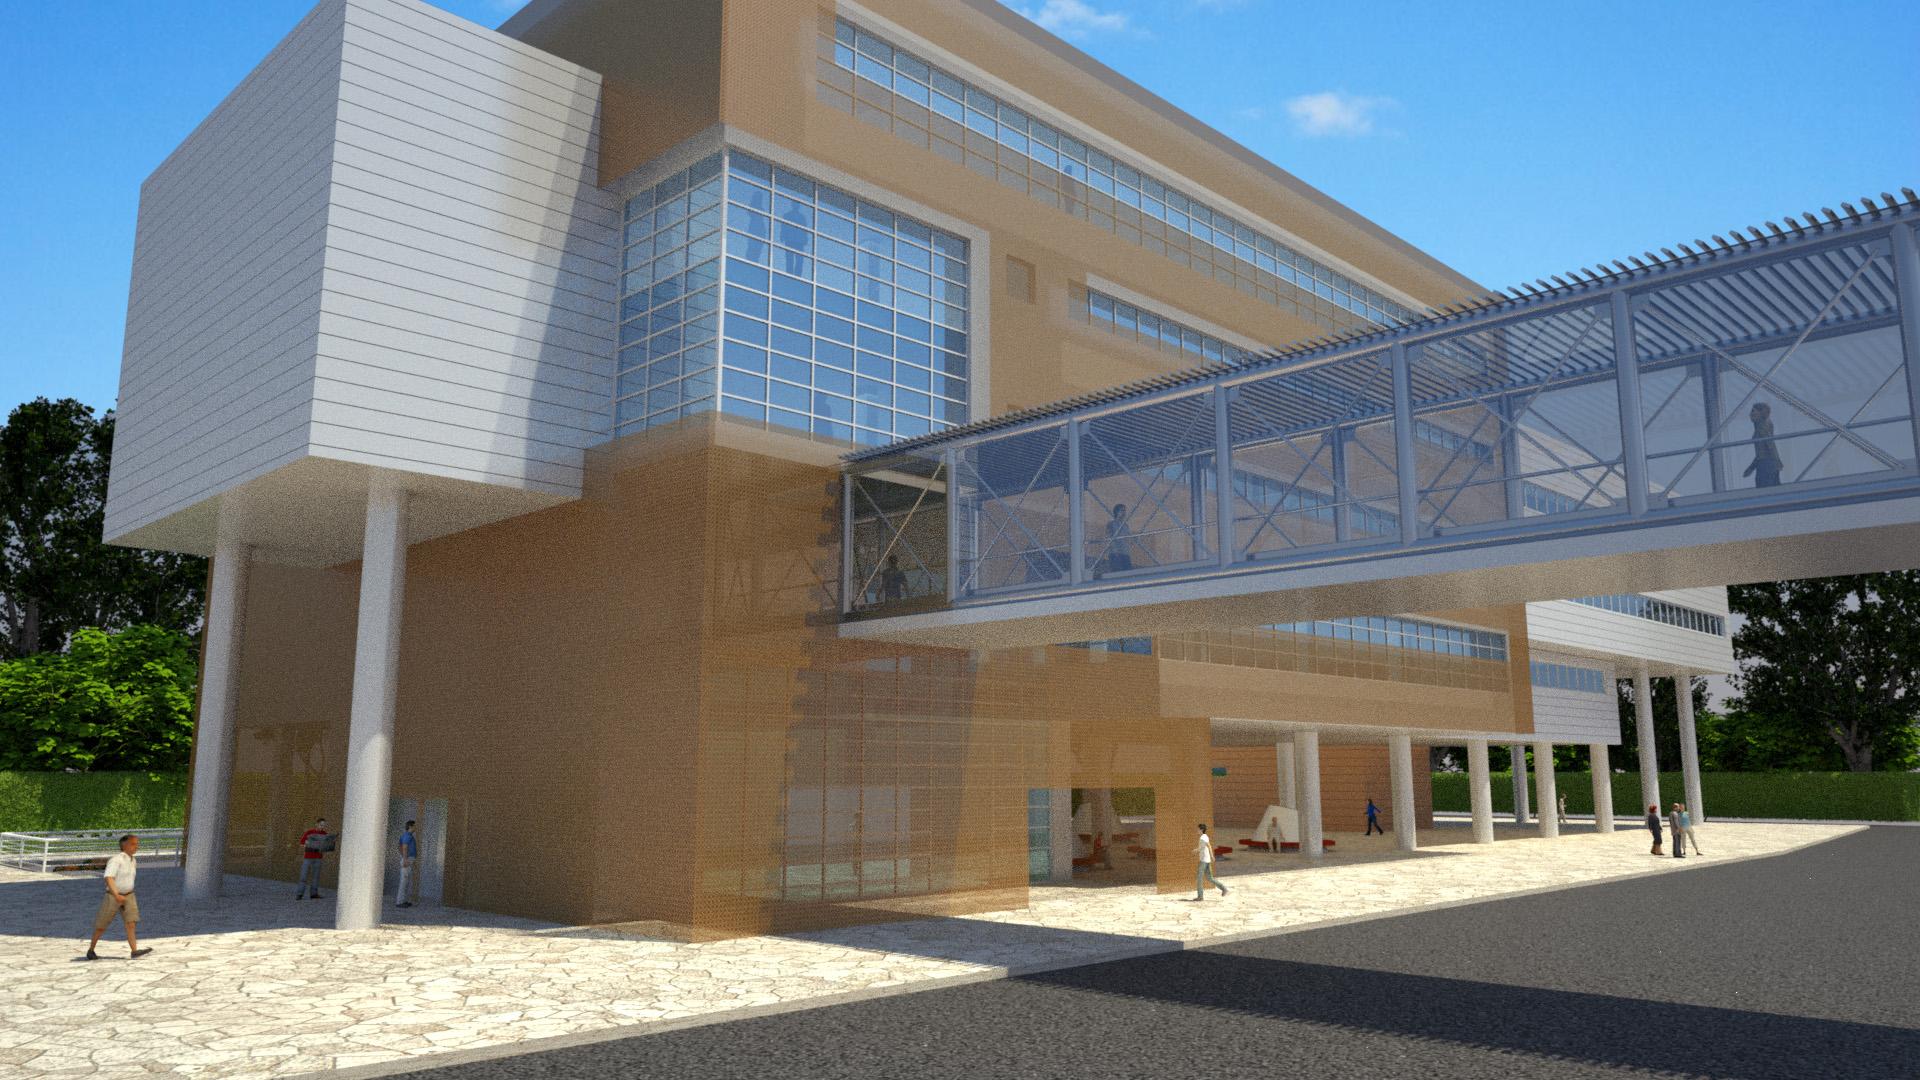 Ospedale nuovo di Fiorenzuola: consegnato il cantiere per la ricostruzione